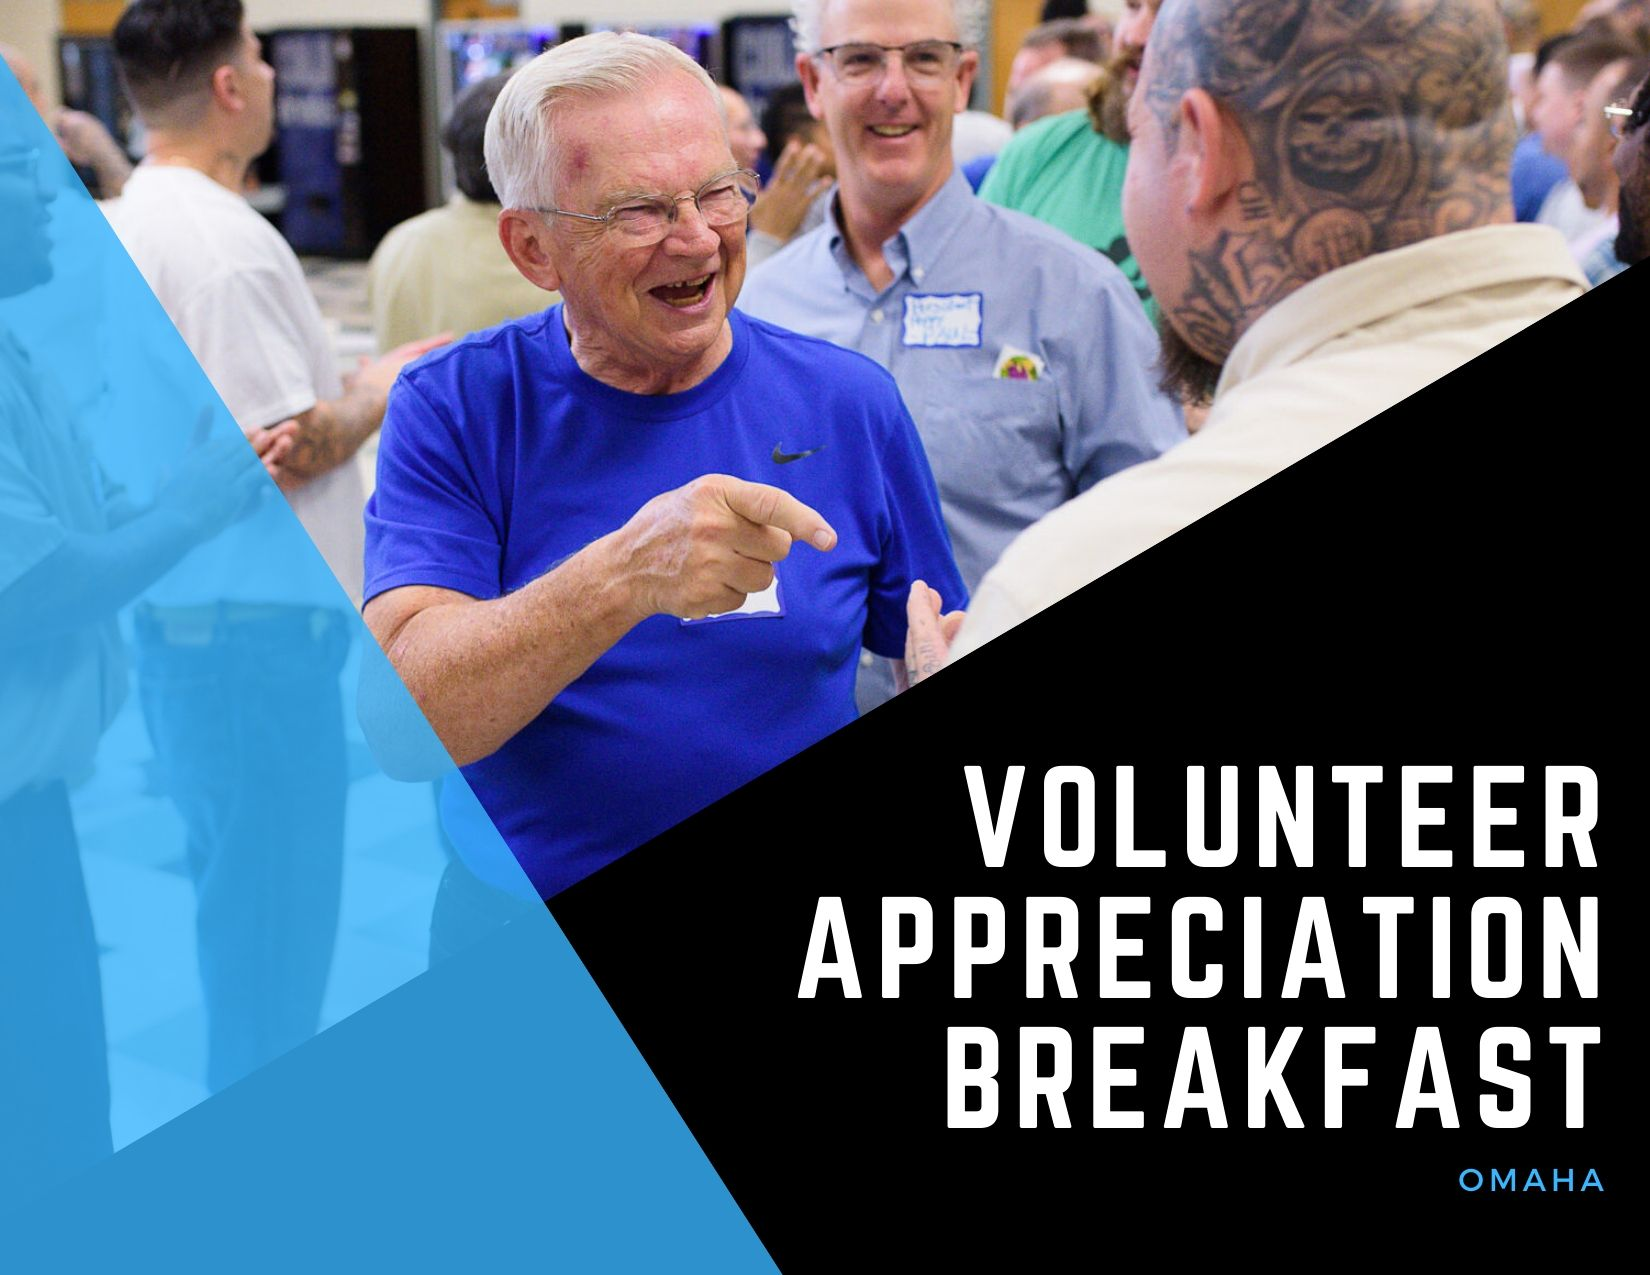 Volunteer Appreciation Breakfast - Omaha